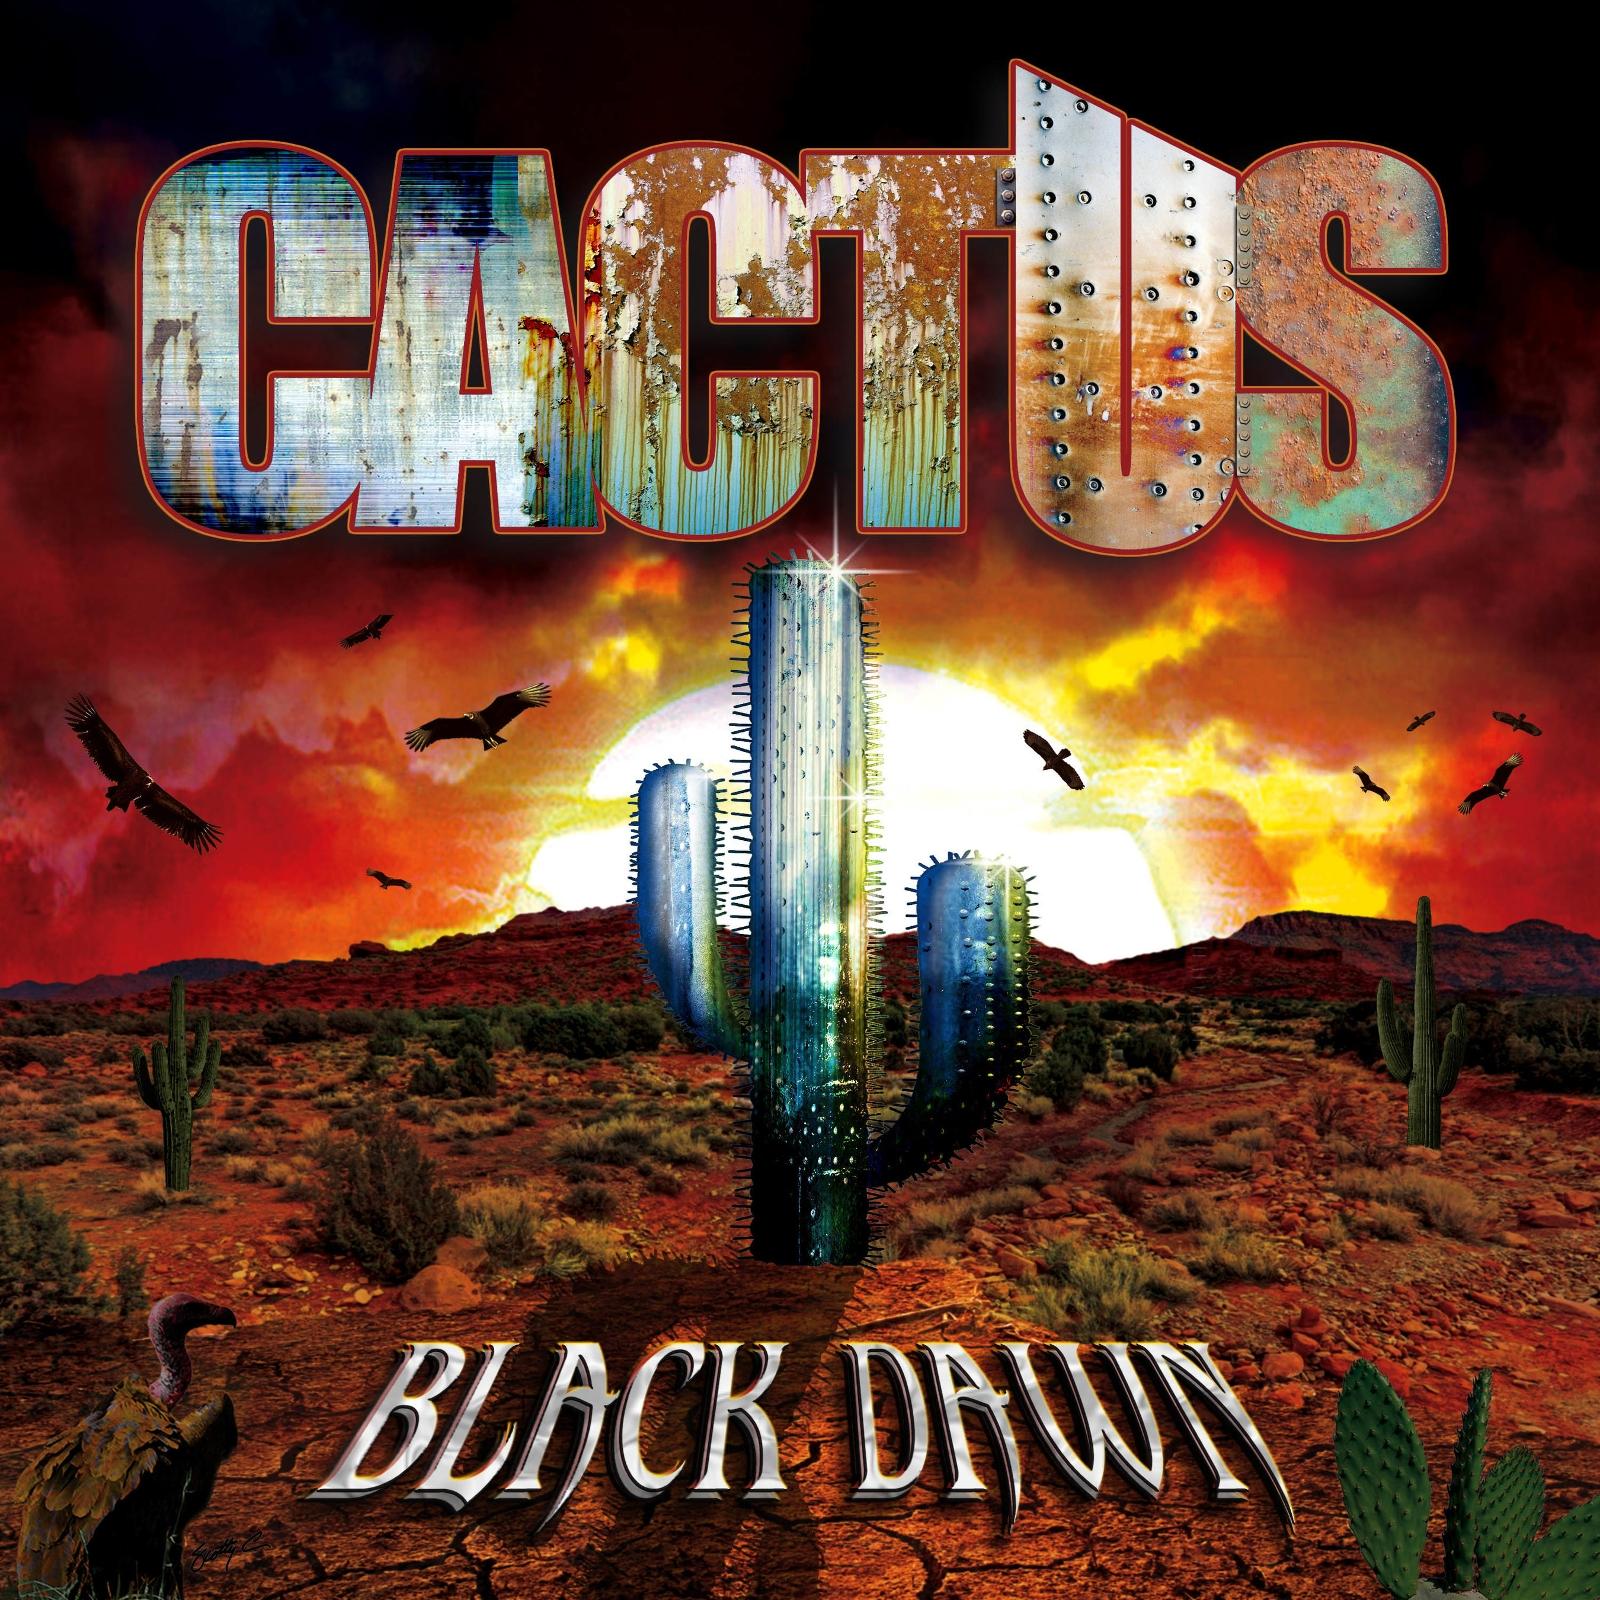 Cactus-Black Dawn